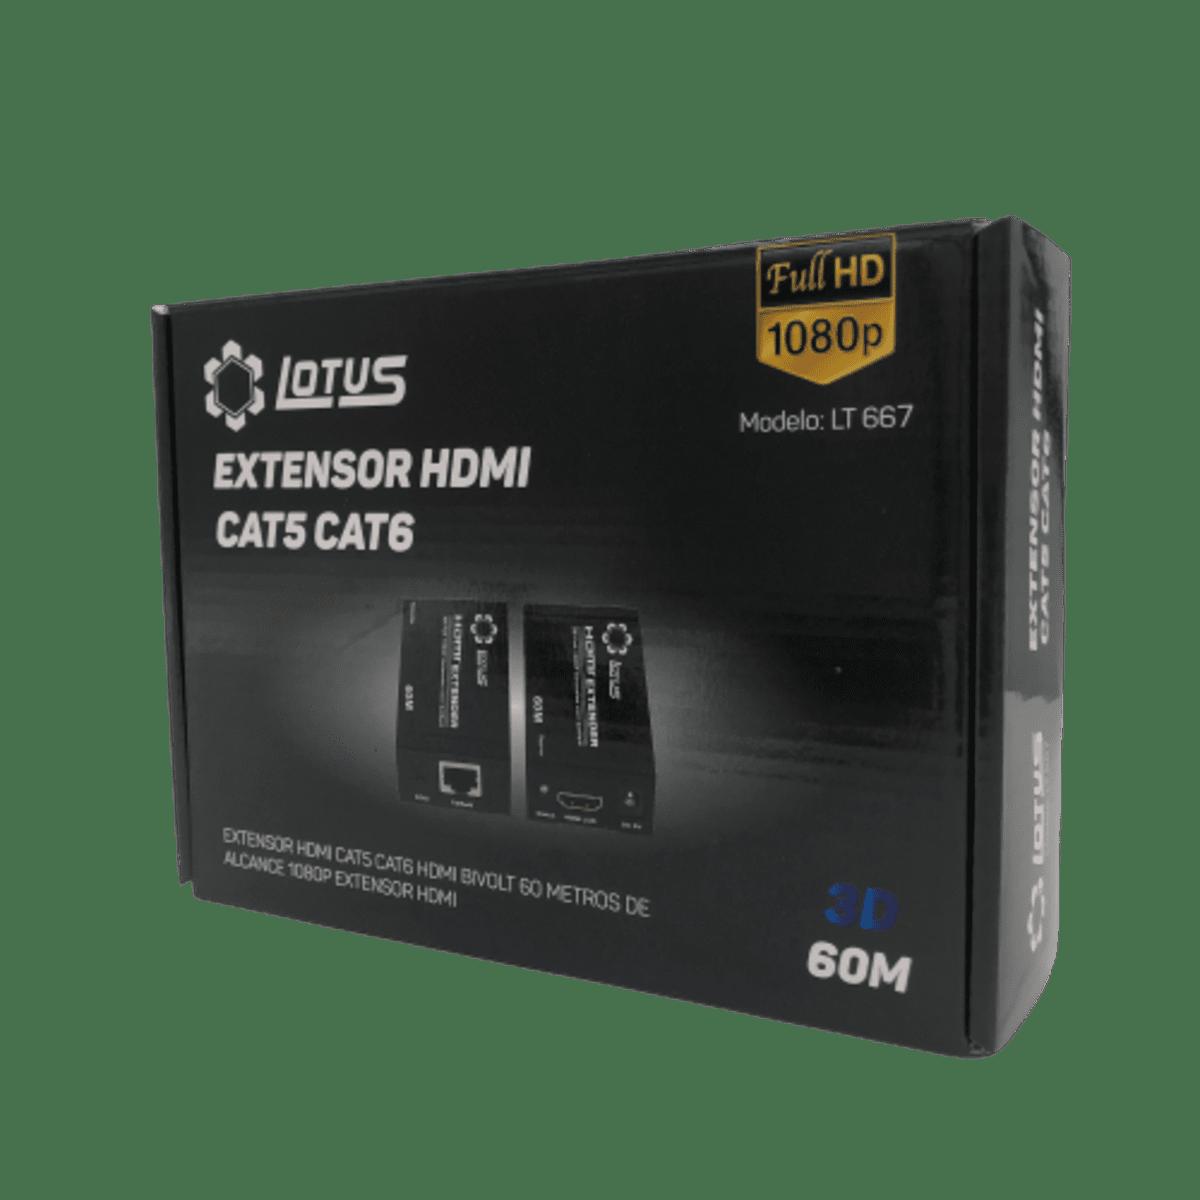 Adaptador Extensor HDMI CAT.5 CAT.6 60m 1080p LT-667 Lotus